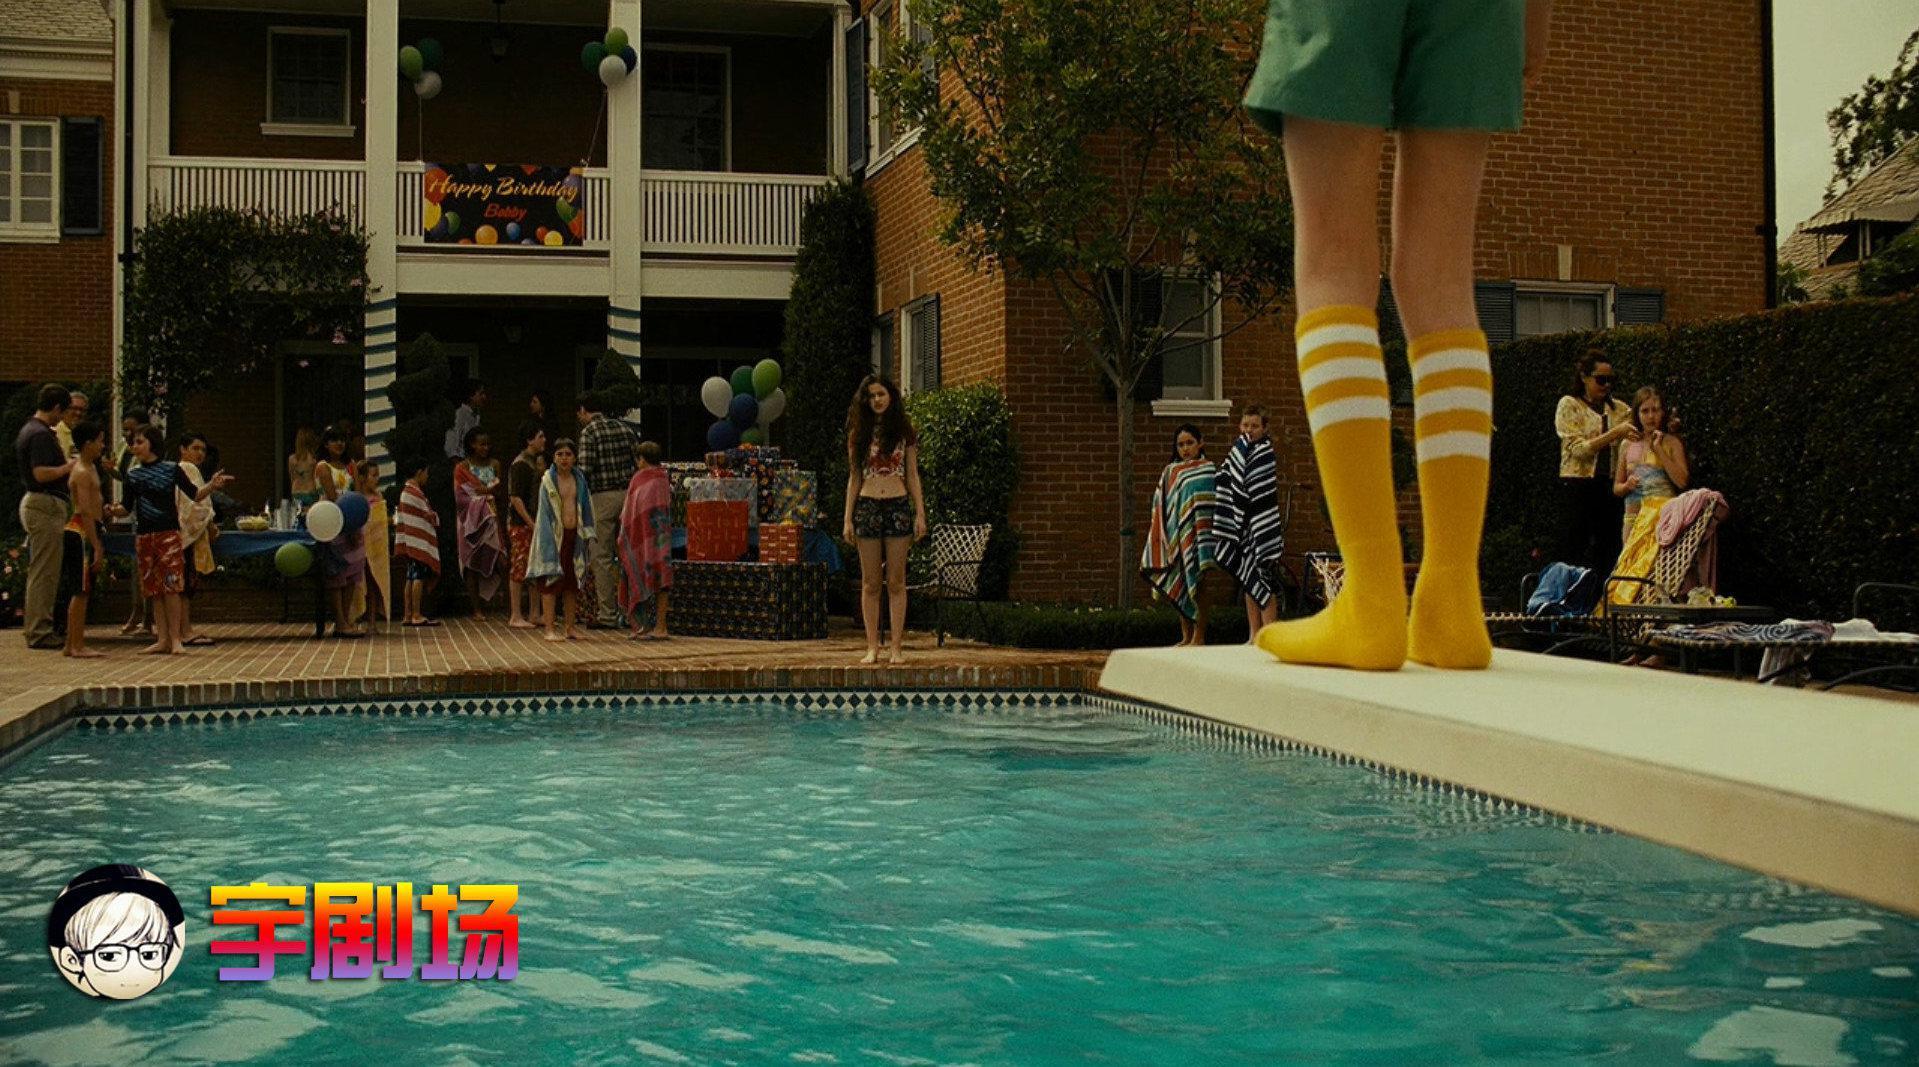 无冬立夏,男孩腿上始终裹着厚厚的长袜,下边藏着什么?